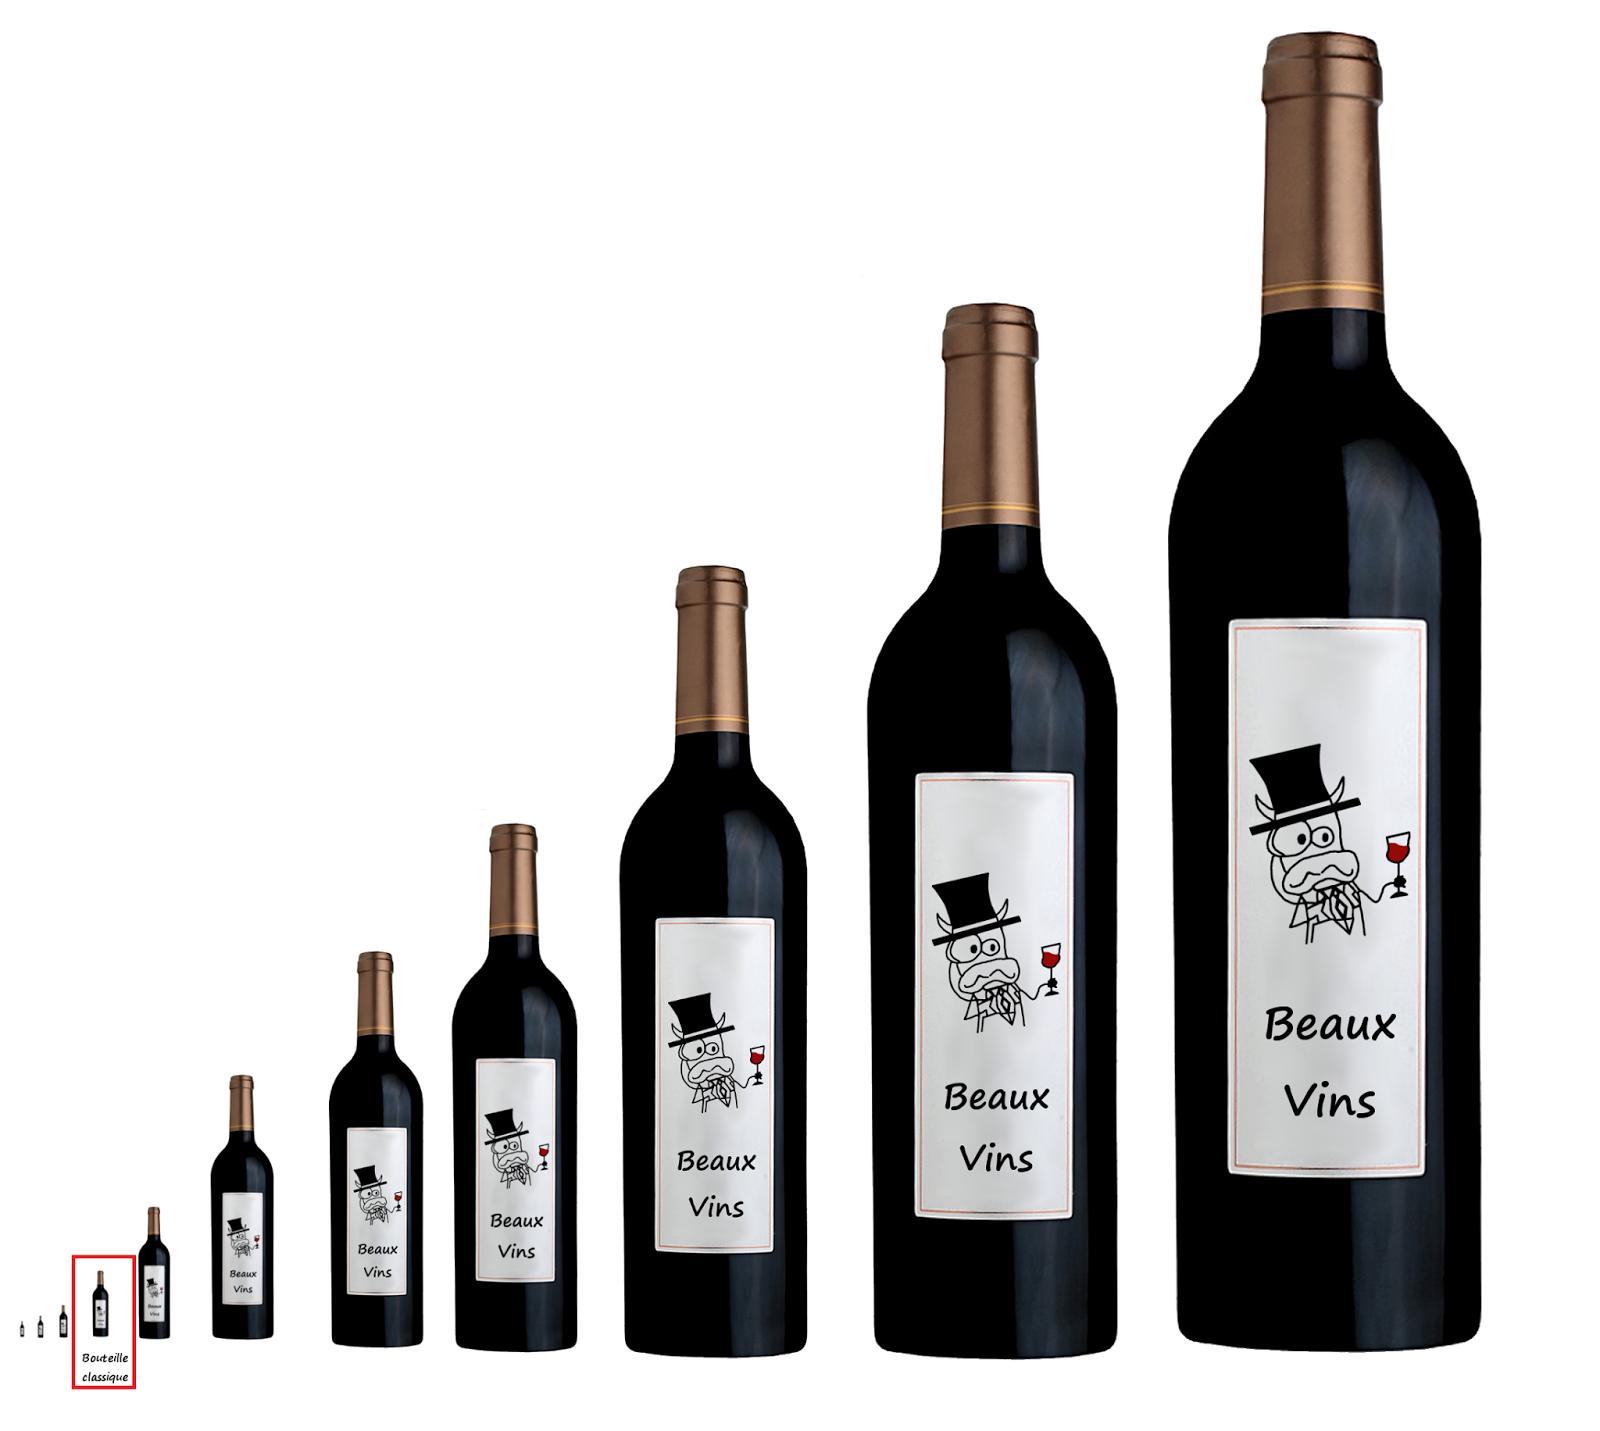 beaux vins quels sont les noms et tailles des bouteilles de vin. Black Bedroom Furniture Sets. Home Design Ideas